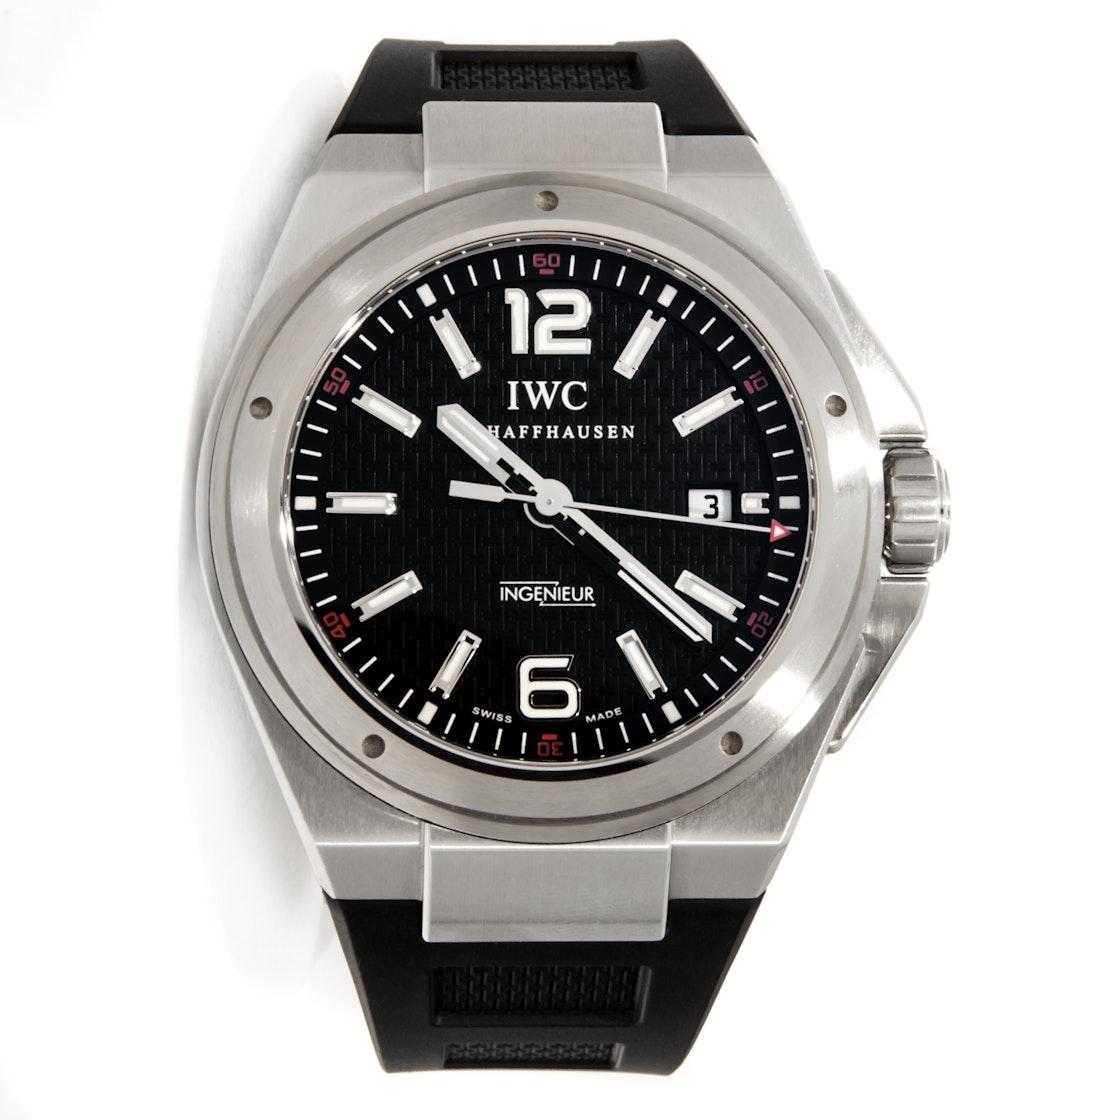 IWC Ingenieur Mission Earth IW3236-01